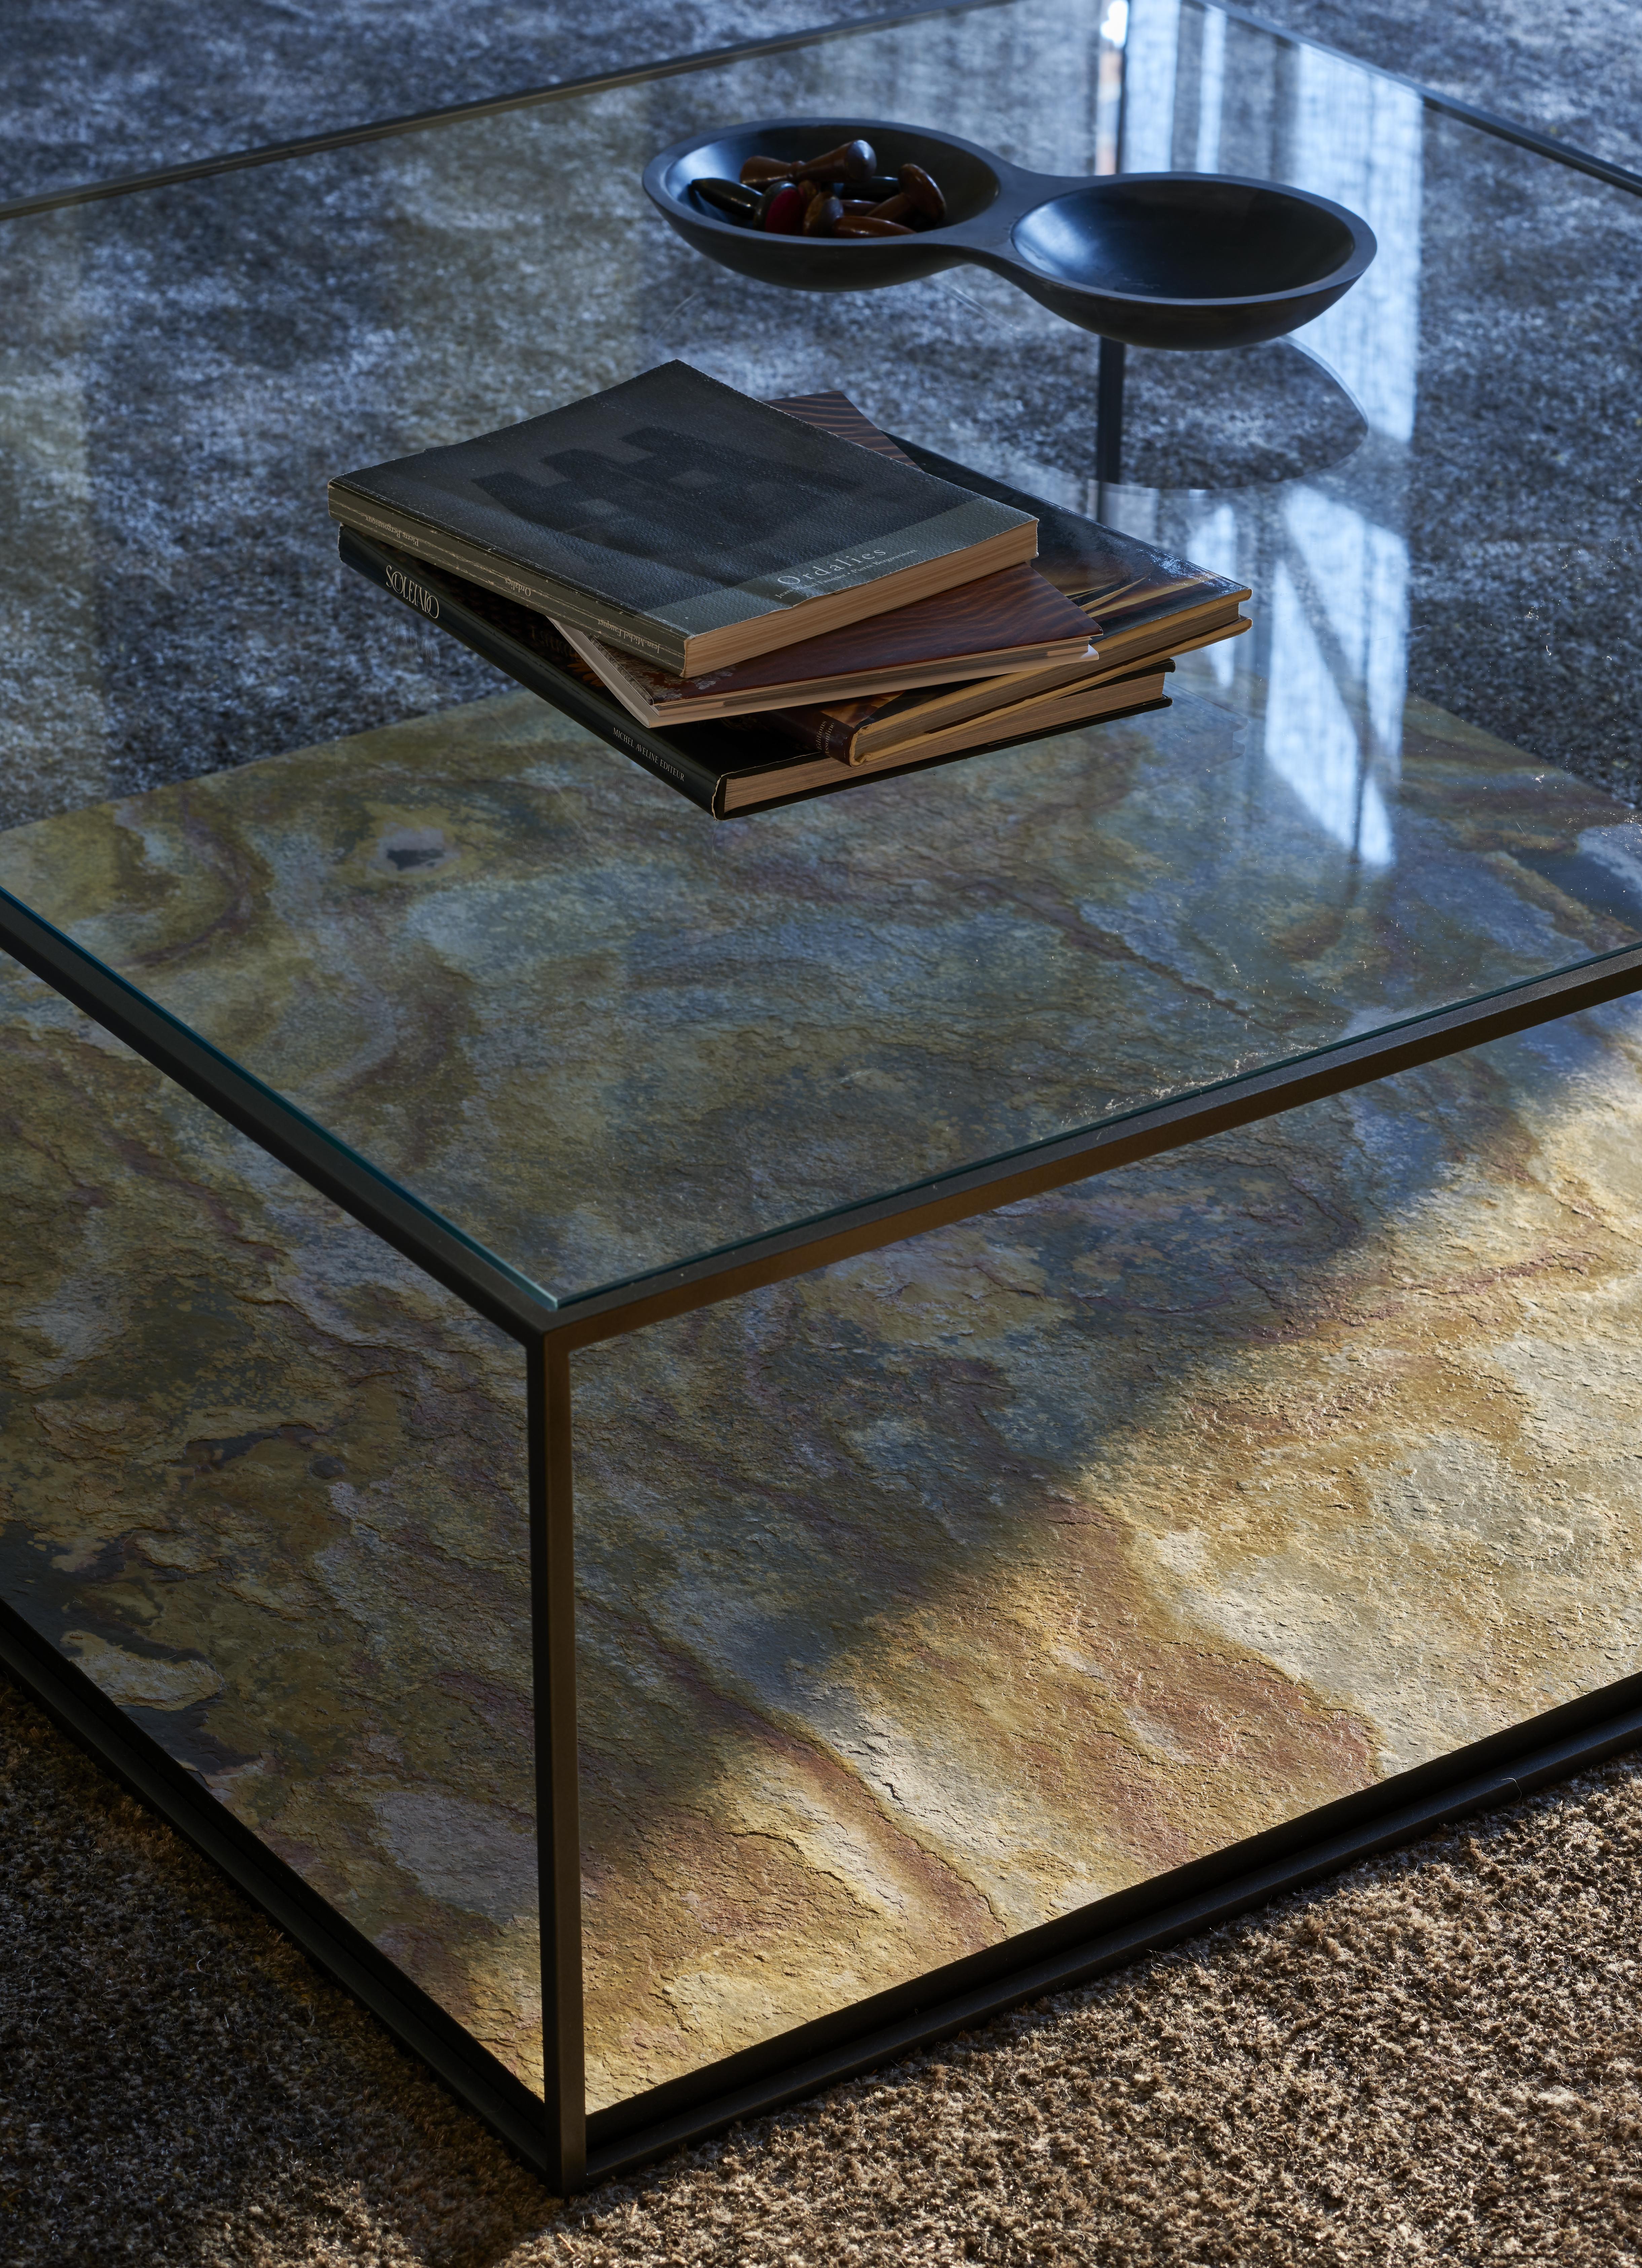 Meubles Raphaele Karusa De Duvivier Table Basse 3j4LqRAc5